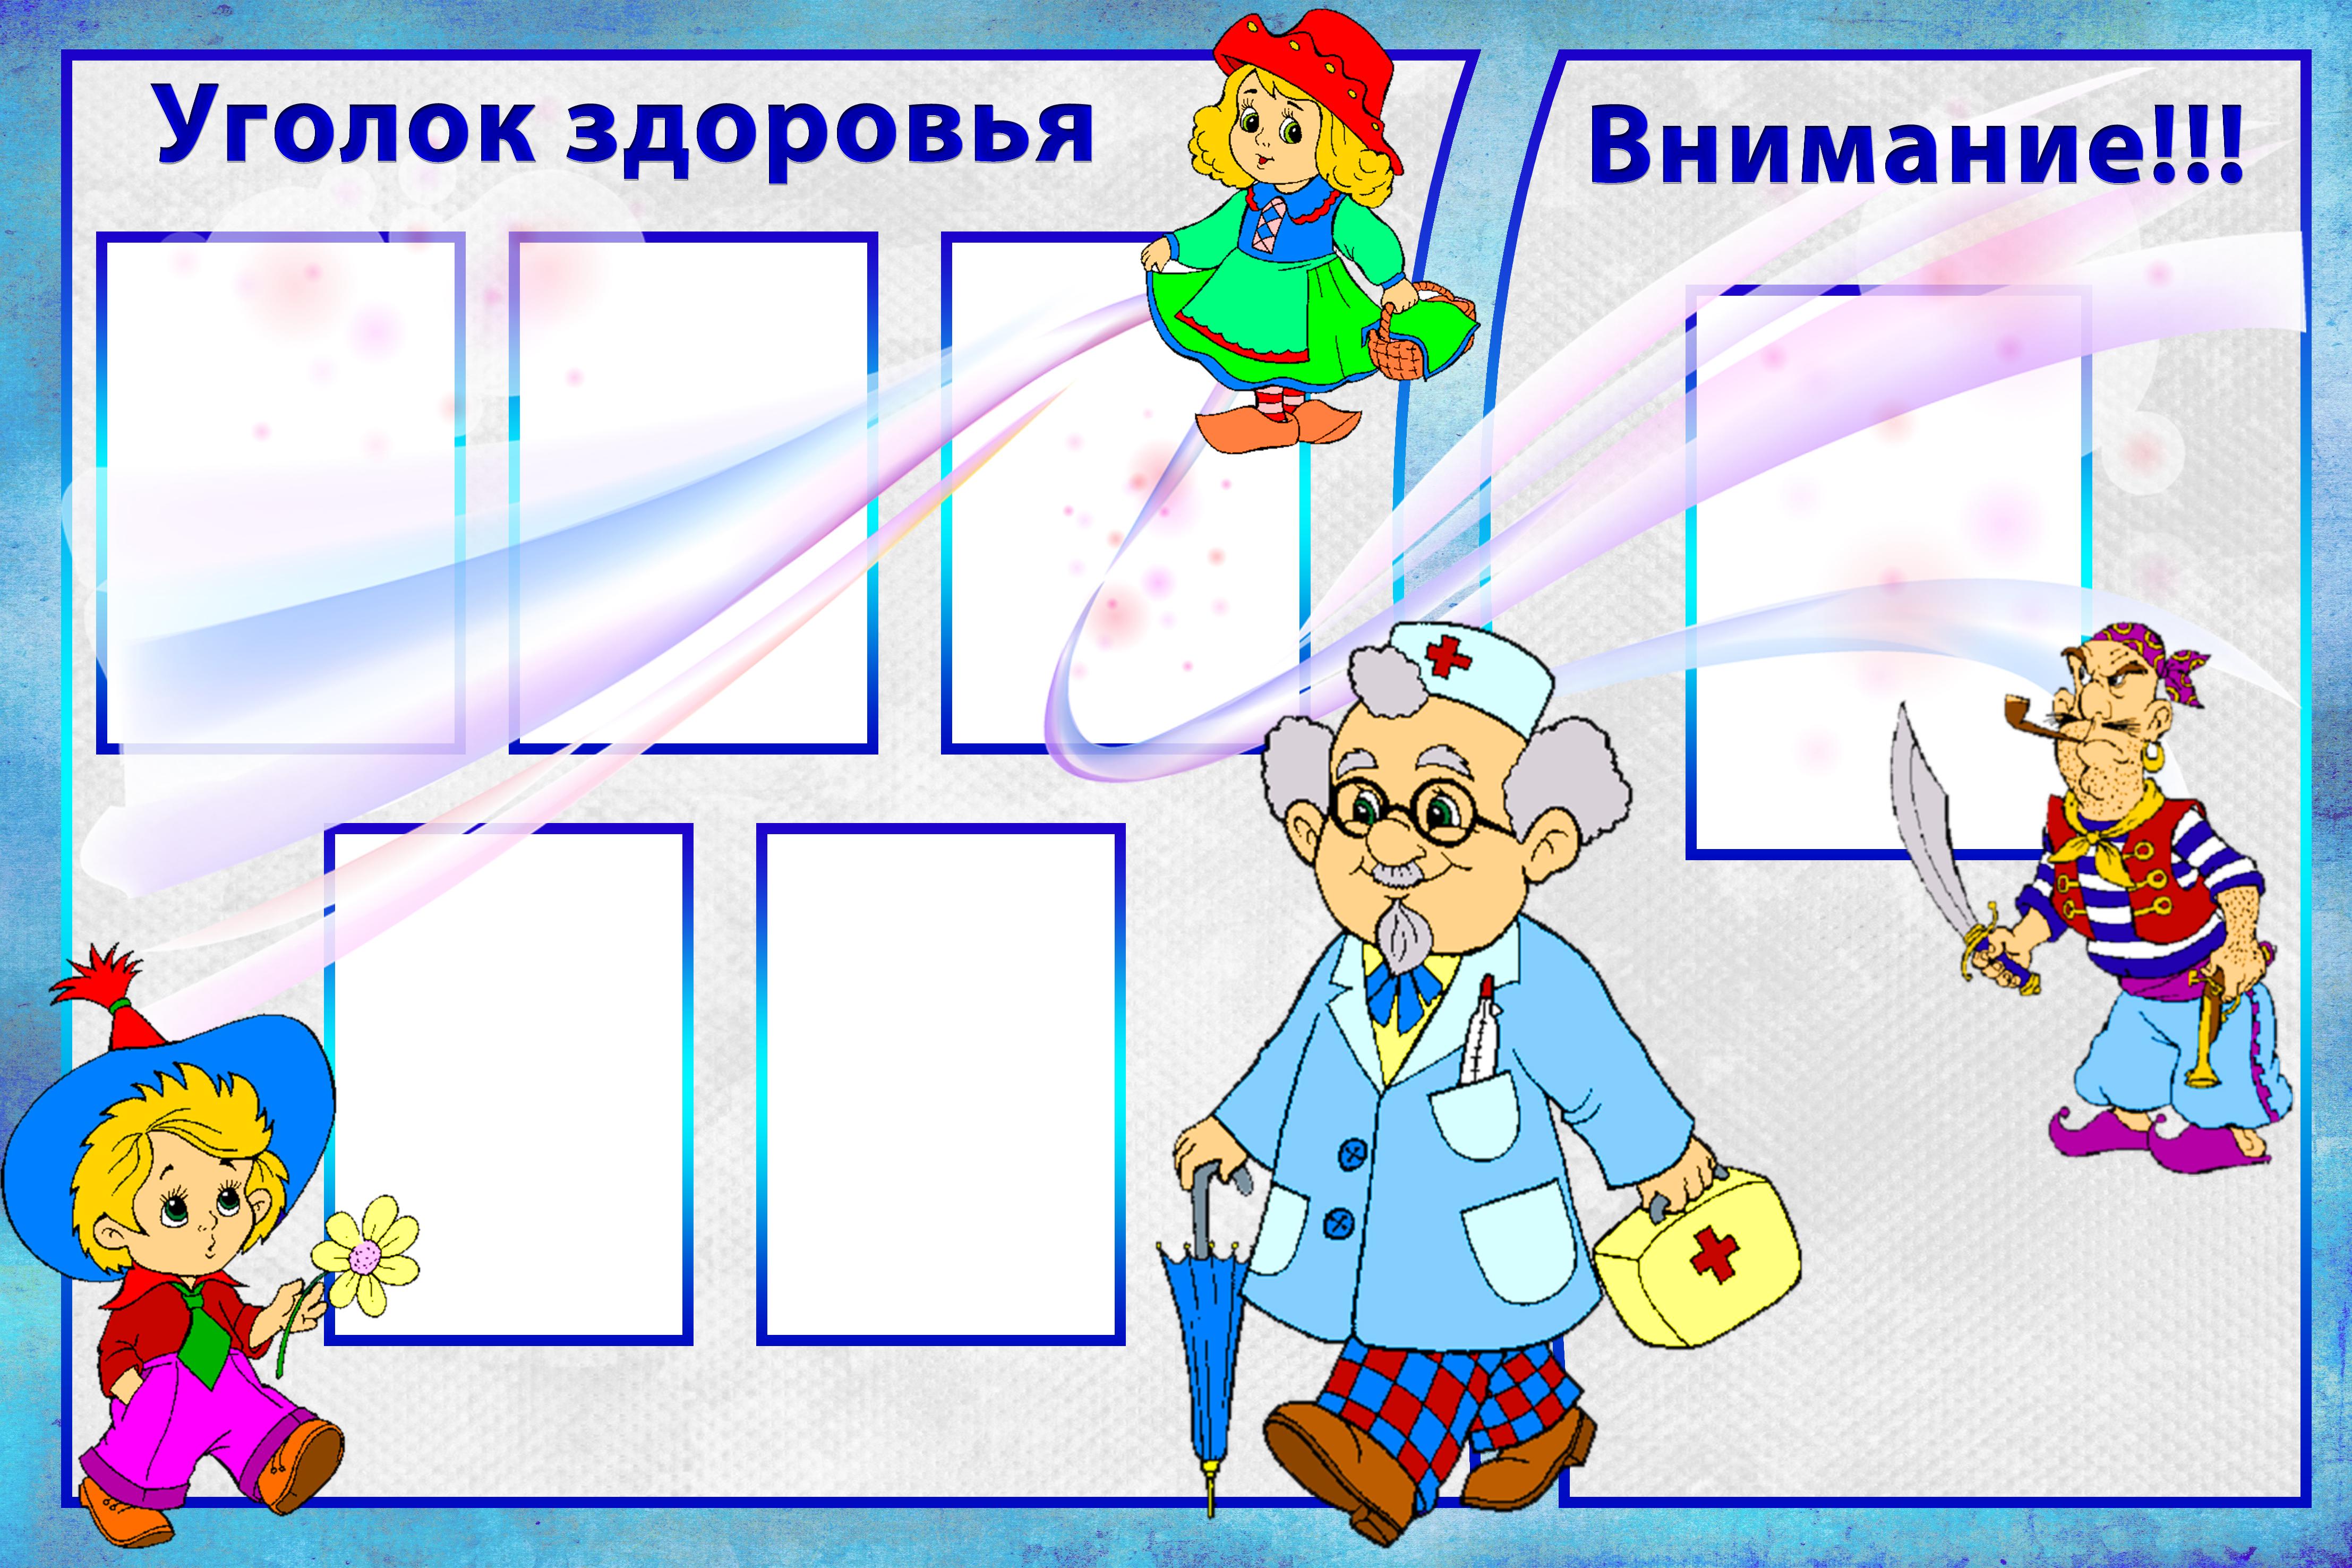 Картинки для уголка здоровья в начальной школе